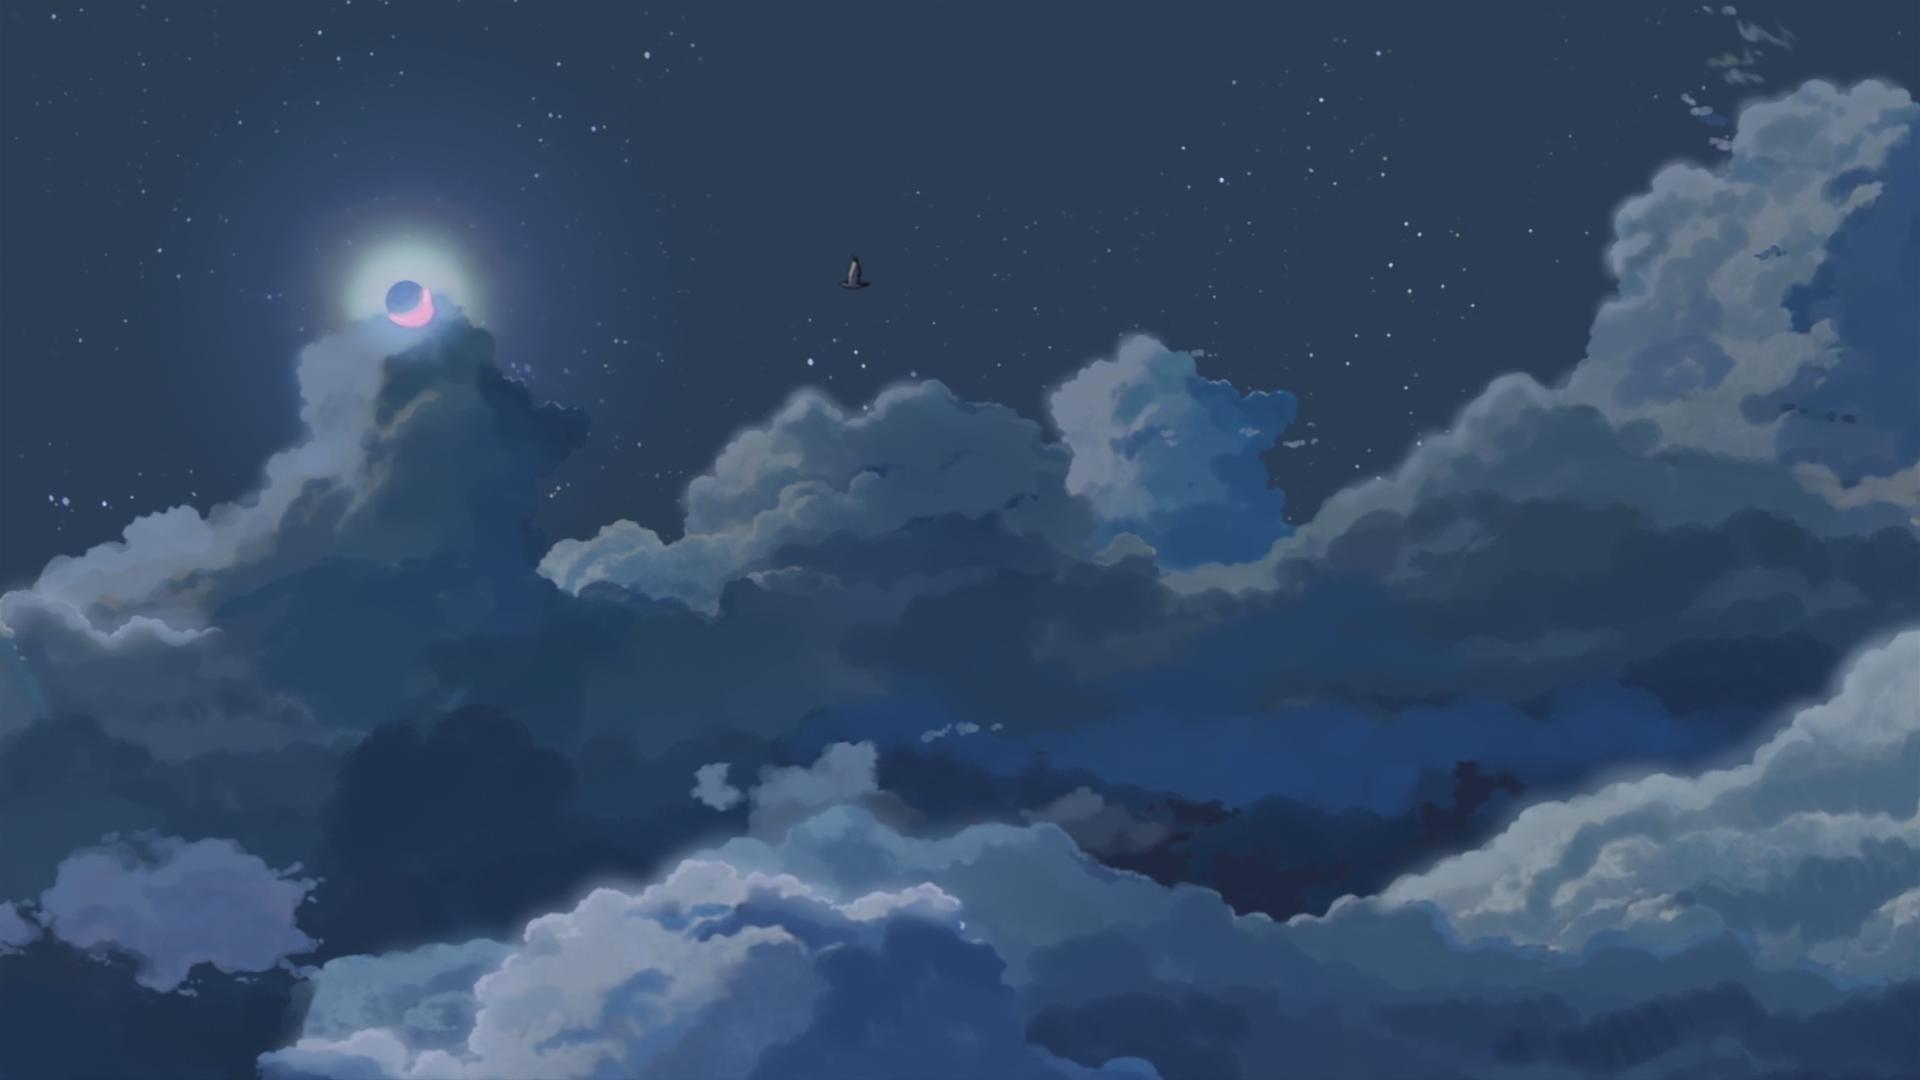 336 3367903 aesthetic anime wallpaper desktop